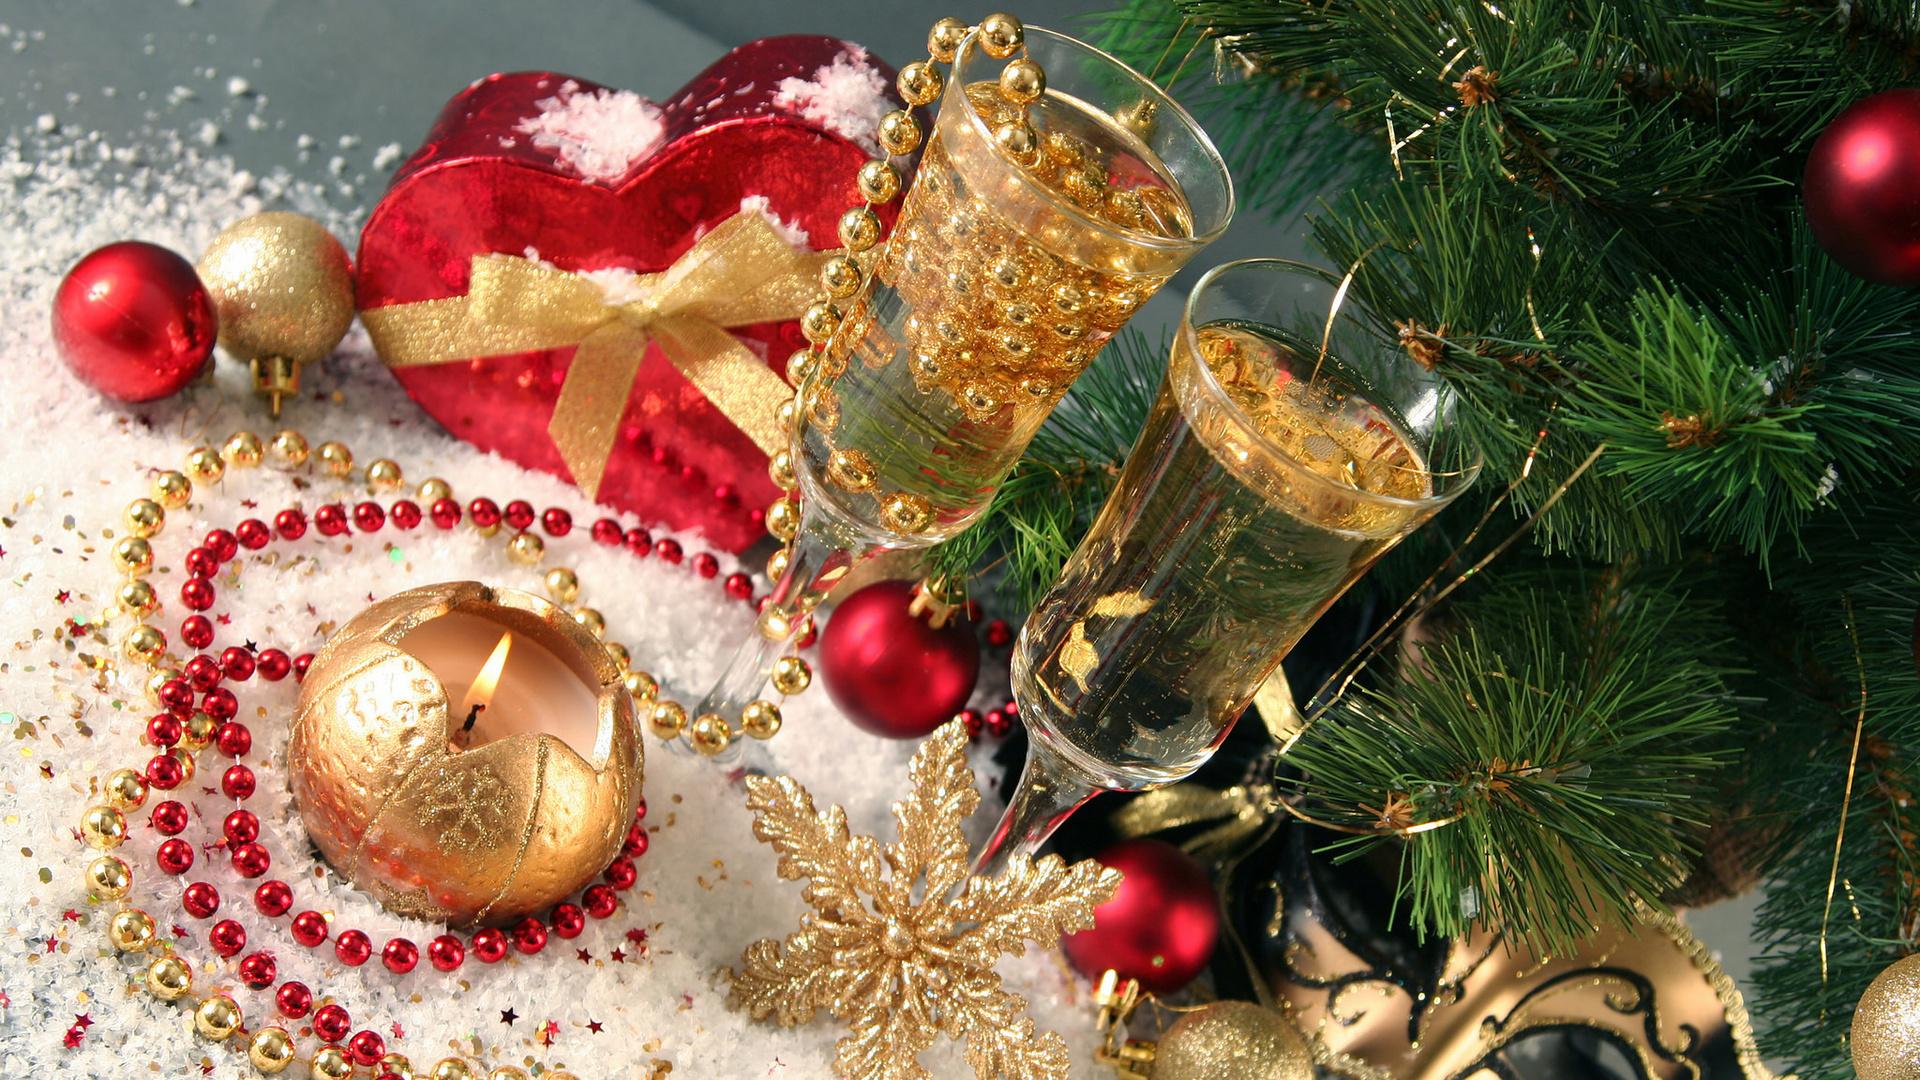 стабилизатора хорошие картинки нового года поздравления для поддержки